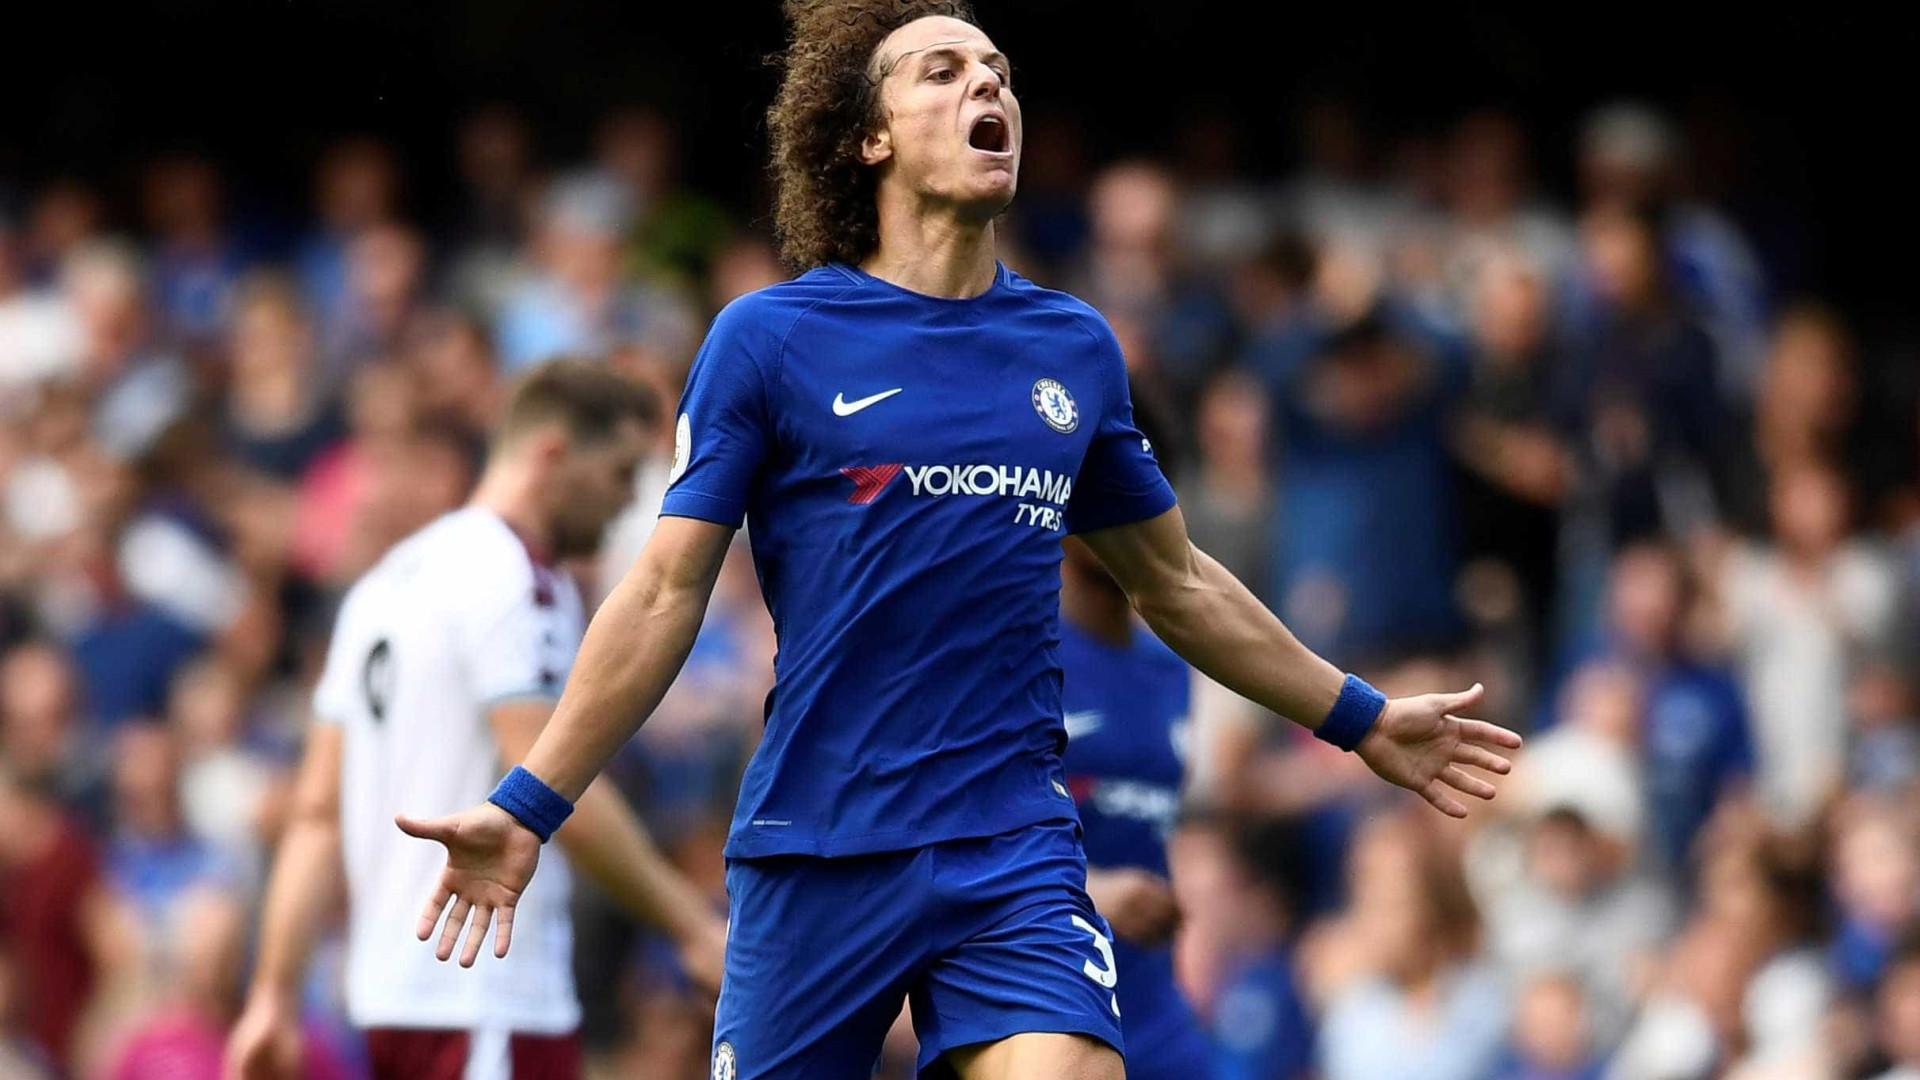 Chelsea estreia no Inglês com derrota, expulsões e gol de David Luiz